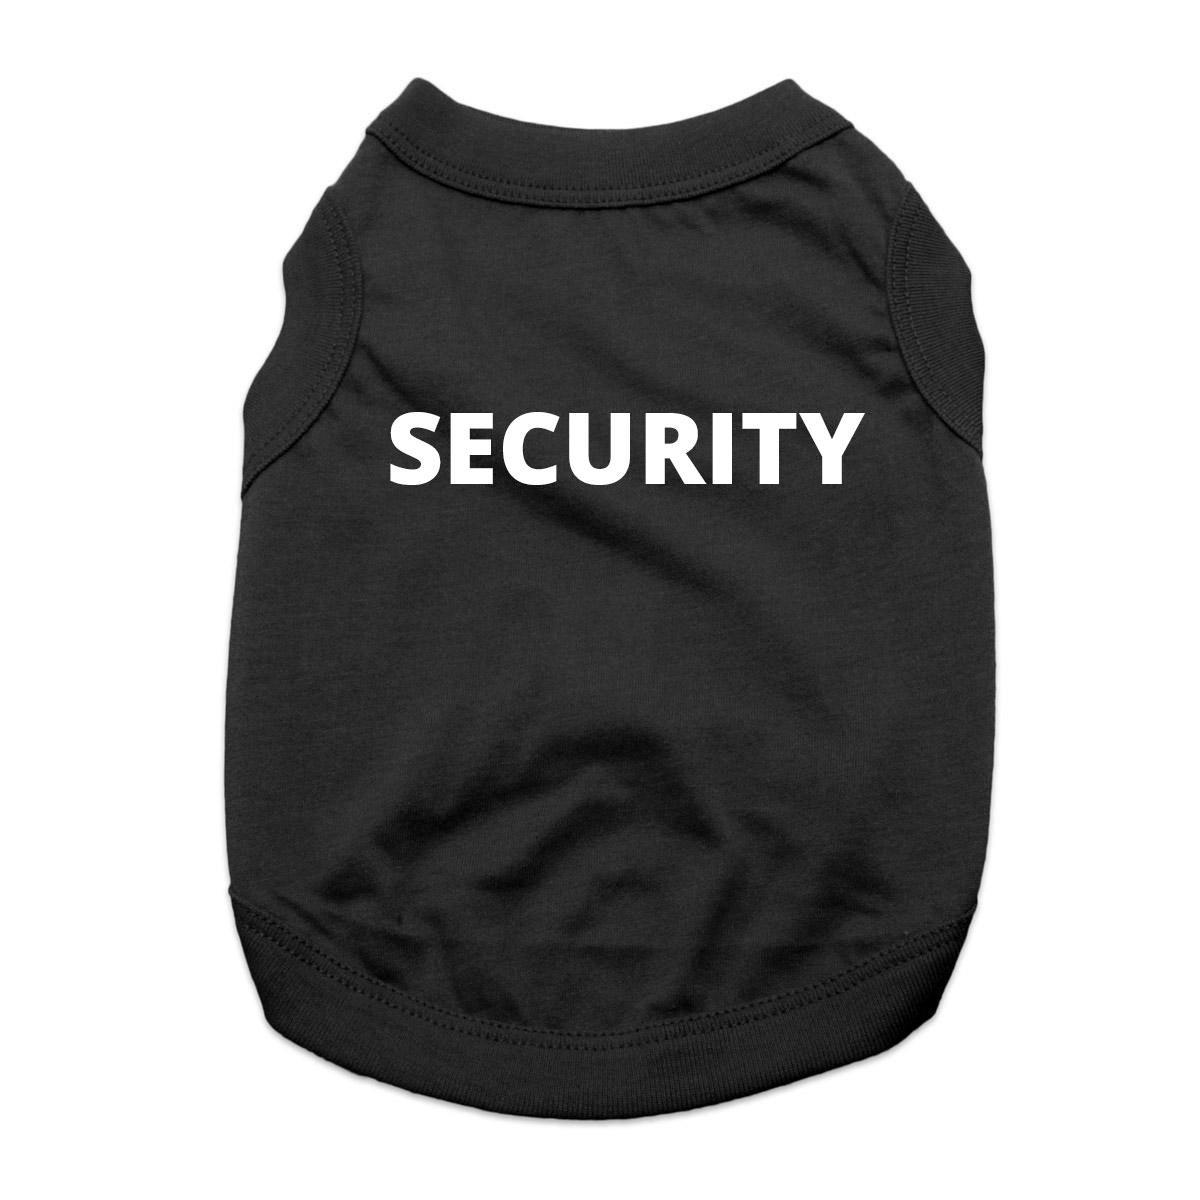 Security Dog Shirt - Black